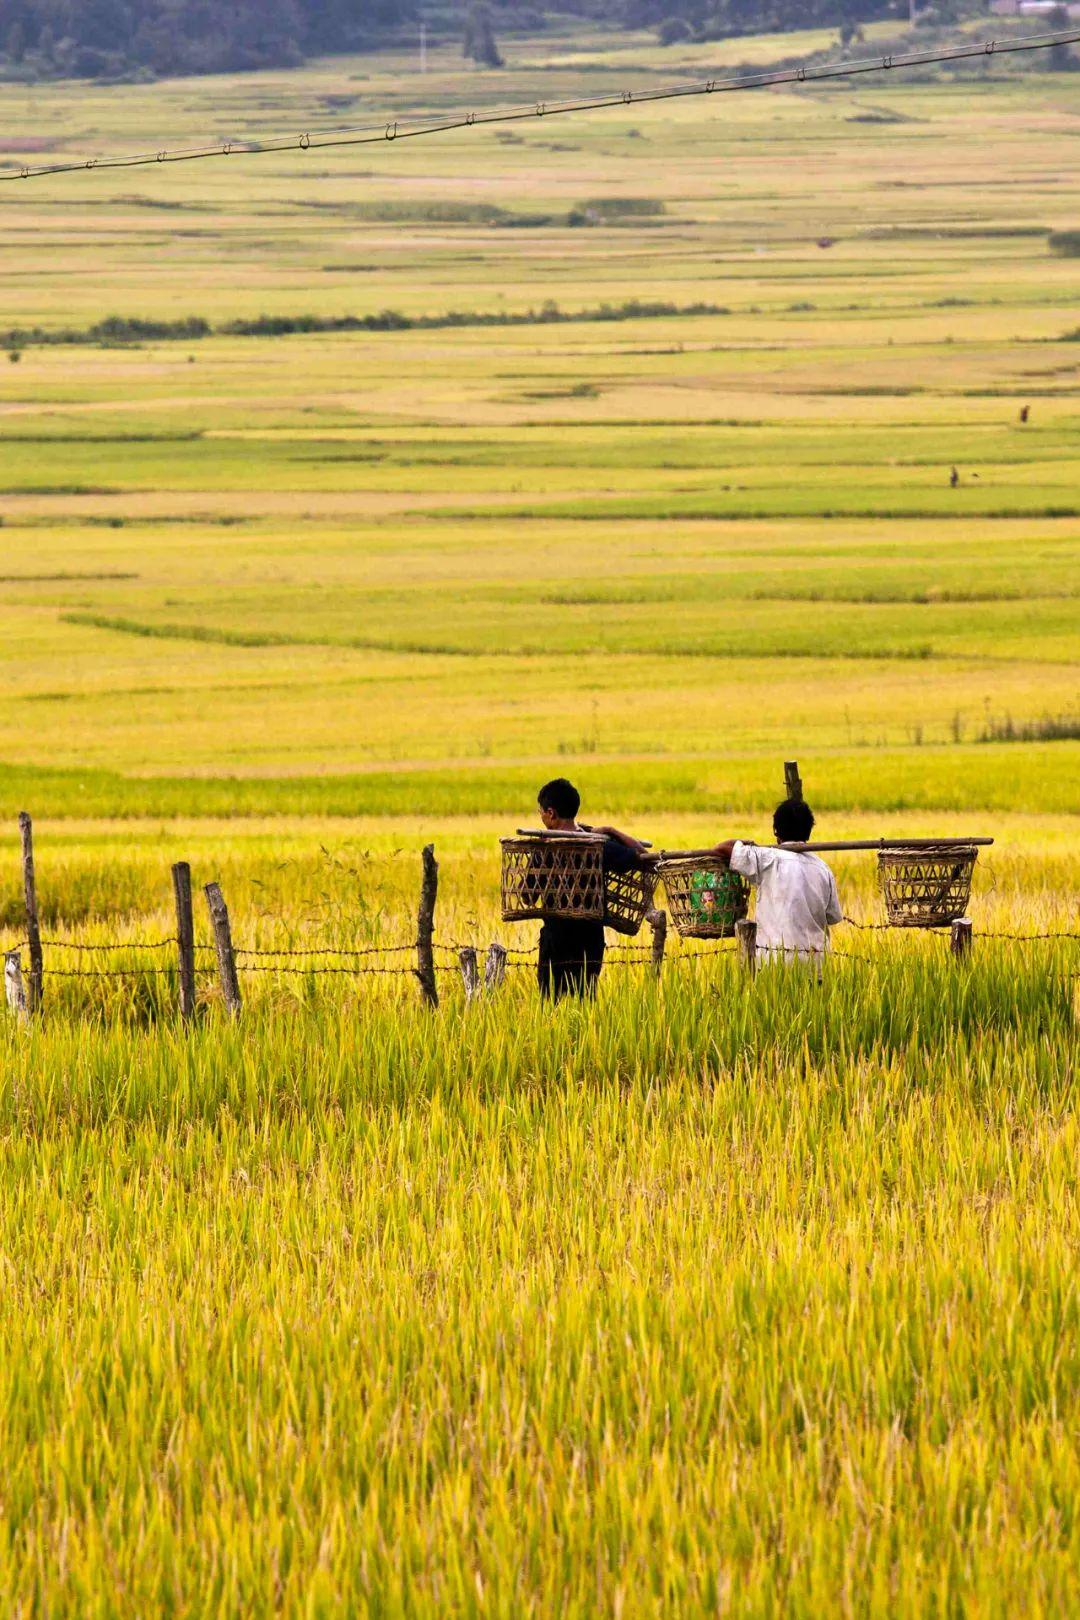 ▲金光熠熠的户撒乡 。摄影/朱边勇